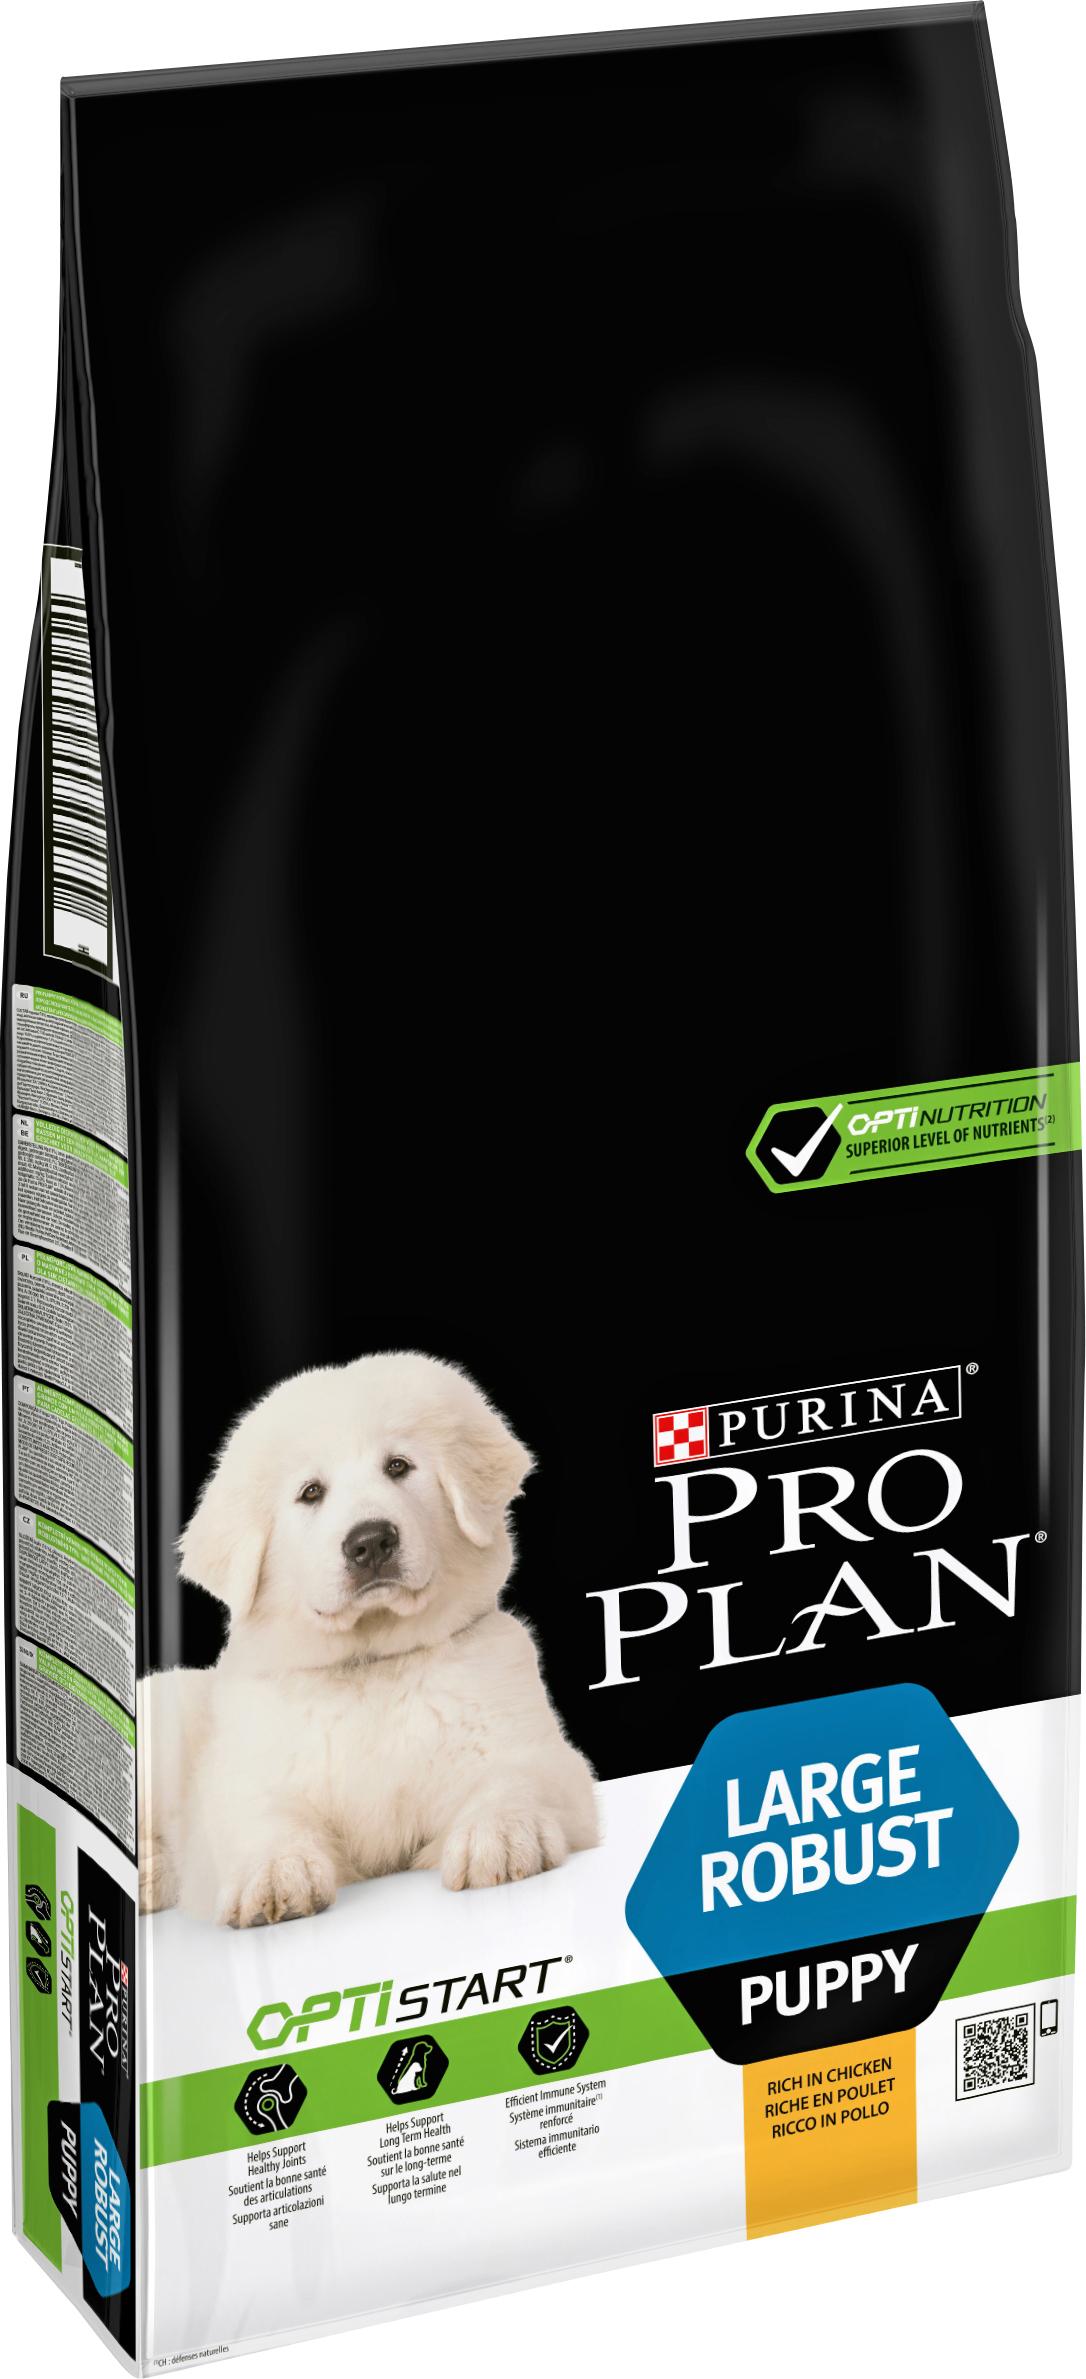 Hundfoder Pro Plan Large Puppy Robust, 12 kg